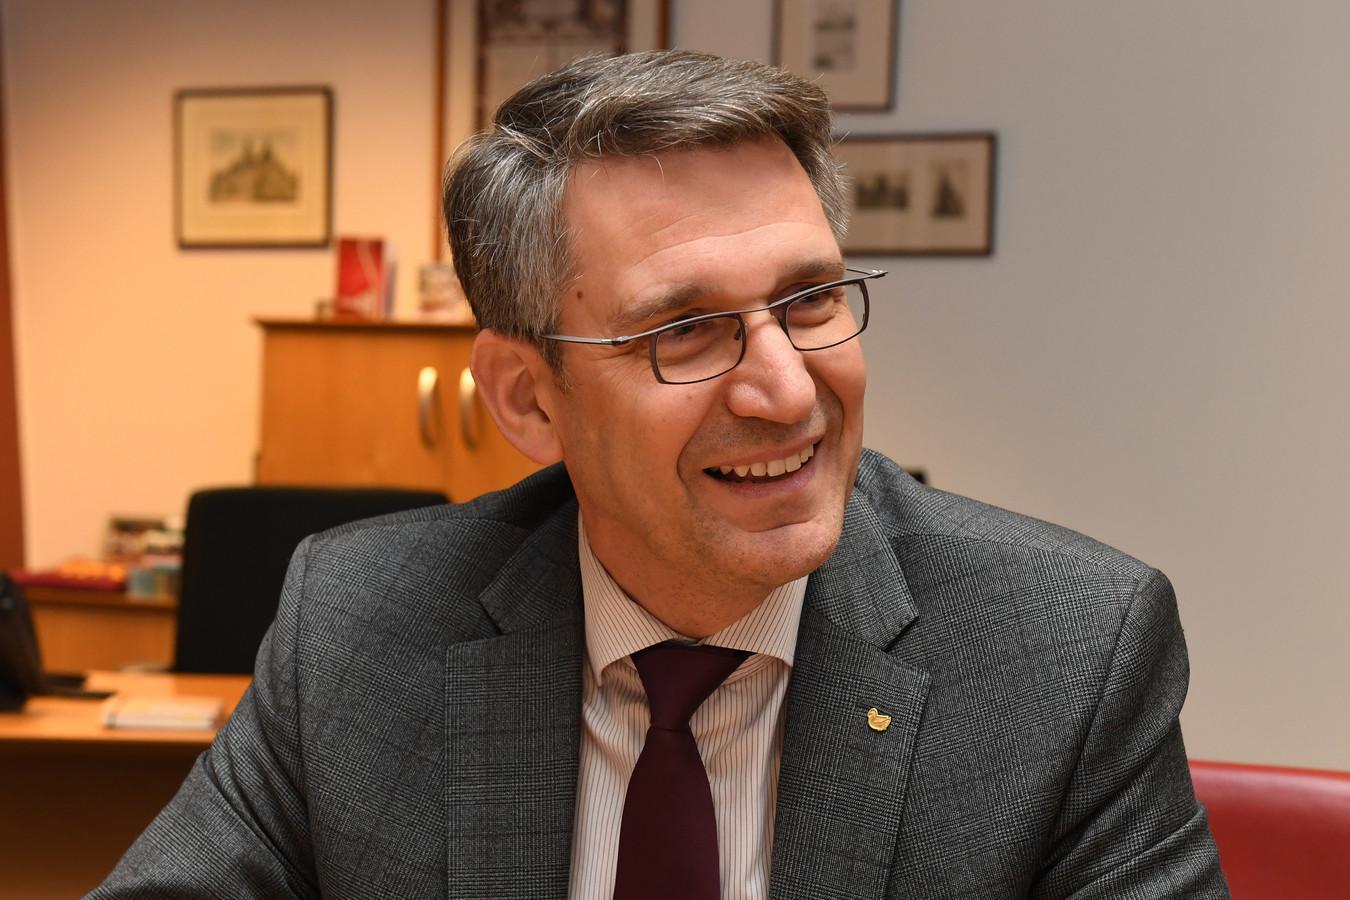 Burgemeester Wim Hillenaar moest een week geleden vol aan de bak. Om raddraaiers weg te houden van een Project X-feest in Katwijk. 'Wat er online gebeurt, is zó ongrijpbaar.'